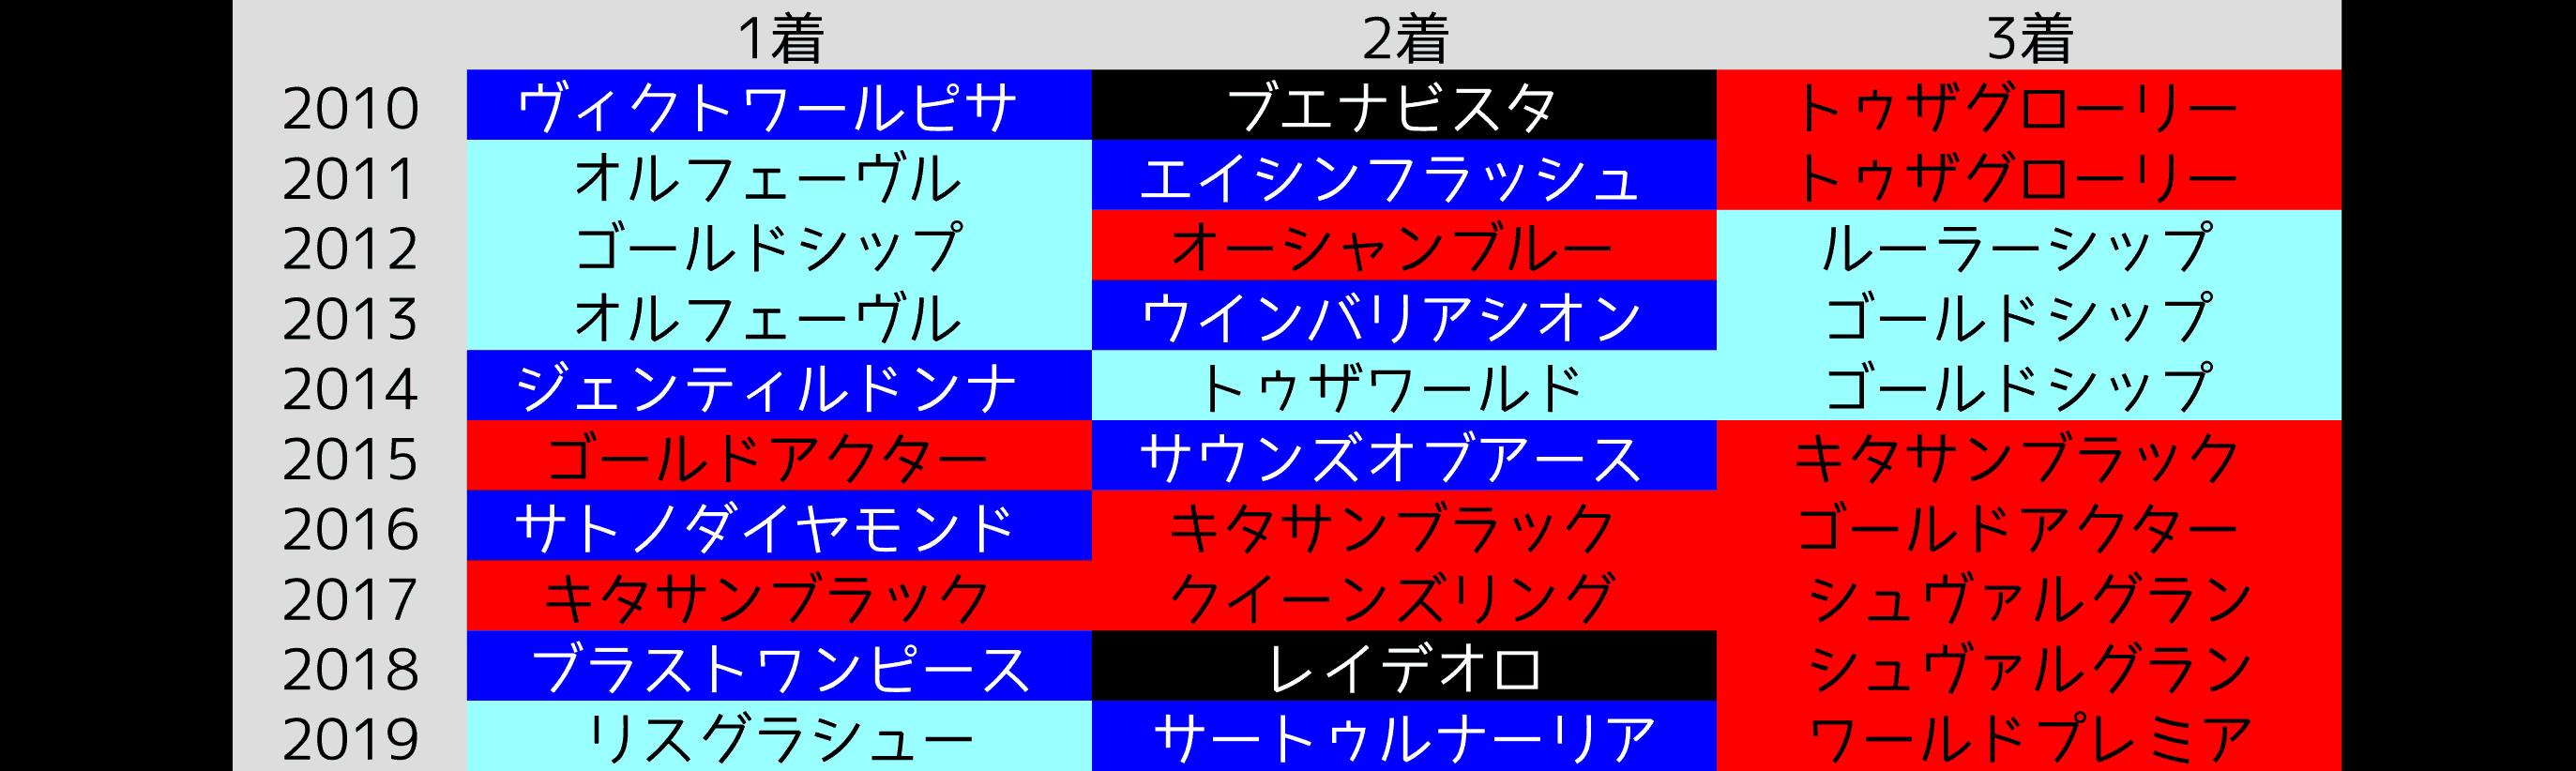 2020_オカルト_有馬記念